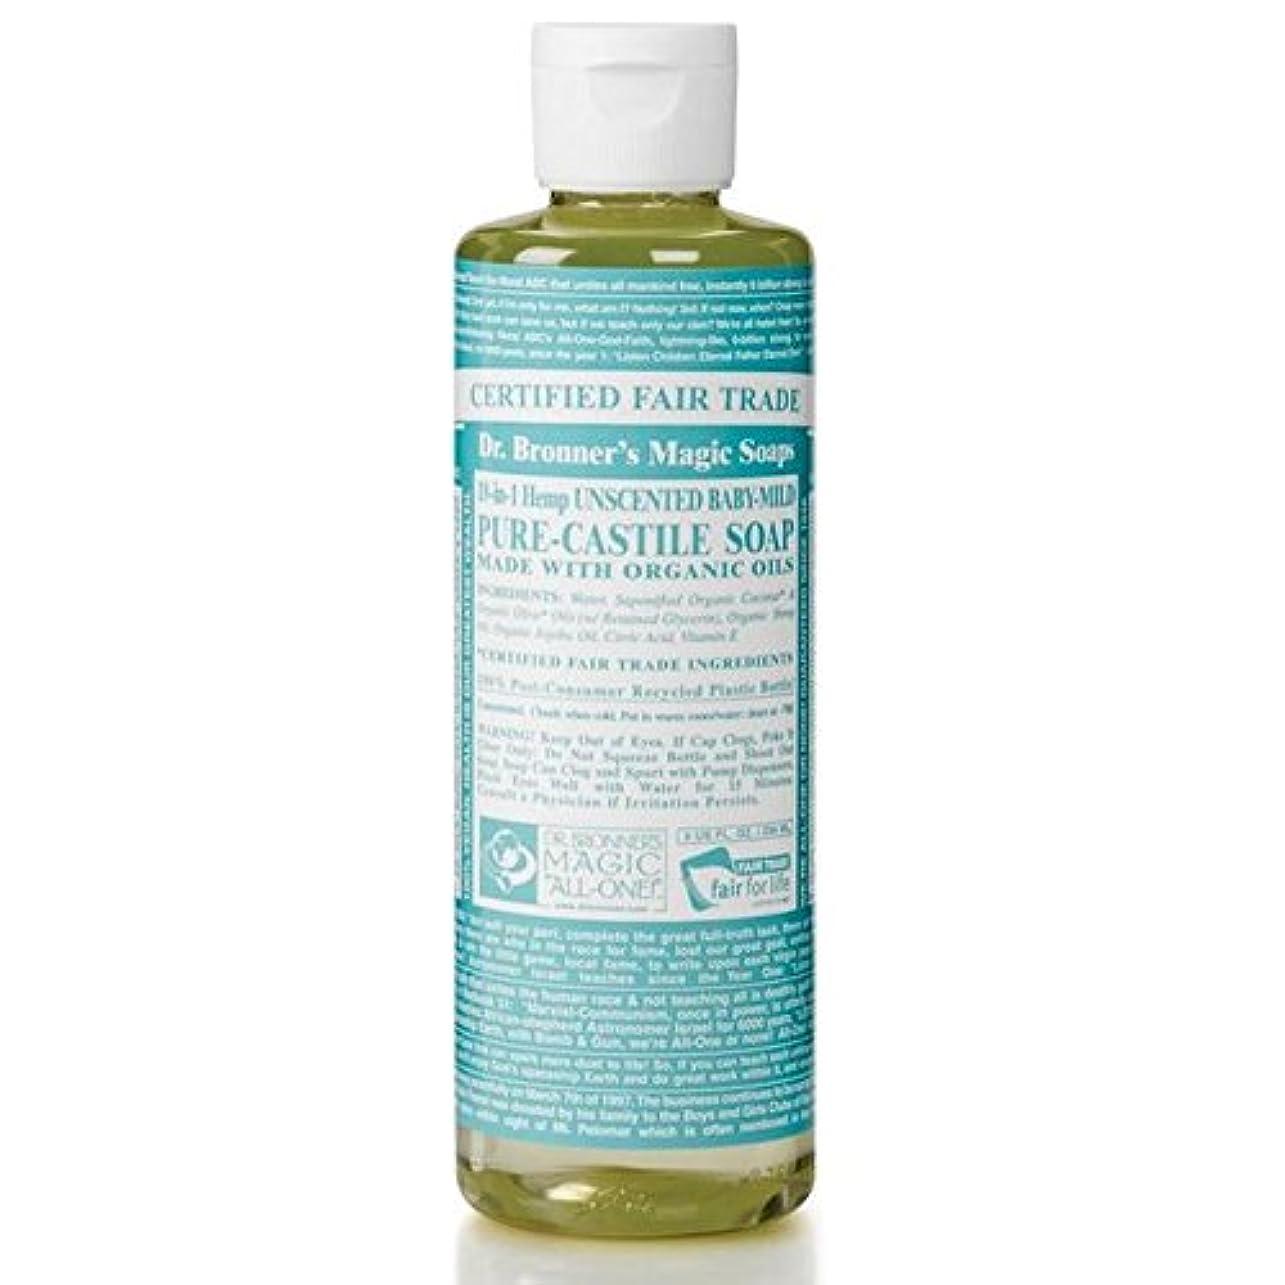 備品交じる予想外のブロナーオーガニックベビーマイルドなキャスト液体石鹸237ミリリットル x2 - Dr Bronner Organic Baby Mild Cast Liquid Soap 237ml (Pack of 2) [並行輸入品]